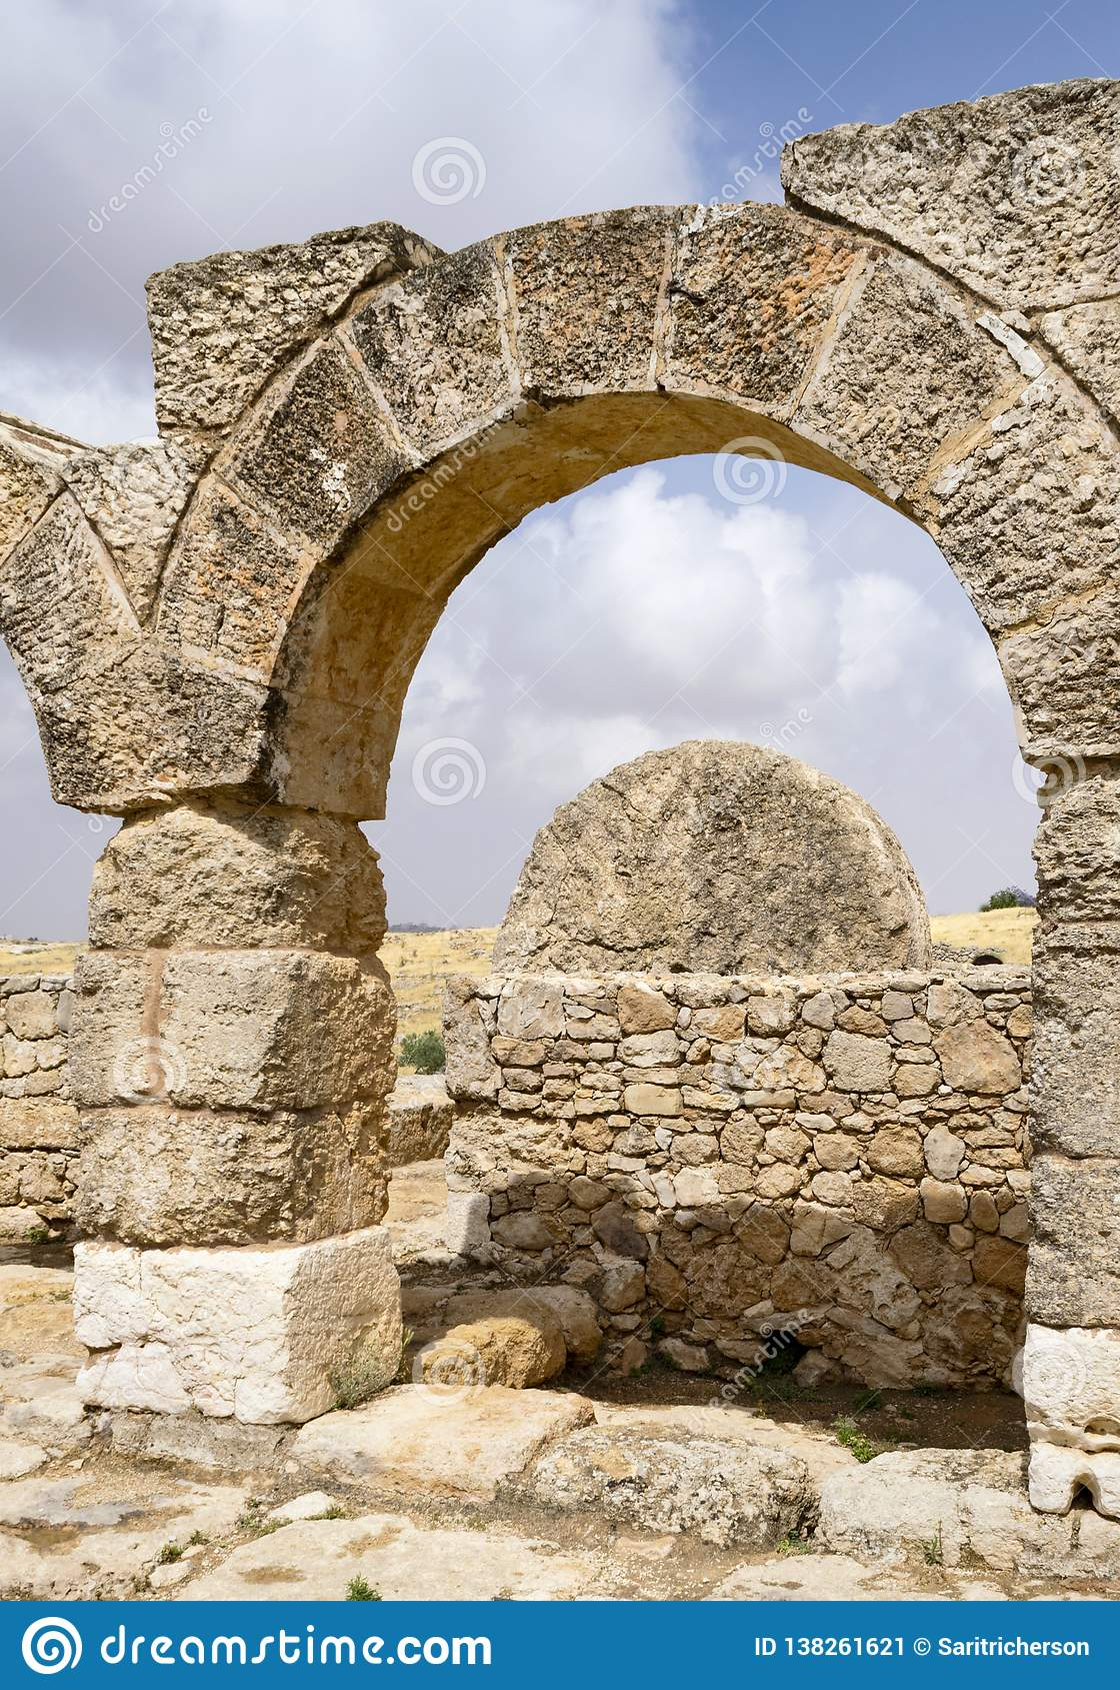 Toczny Kamienny wejście Antyczna Susya synagoga w Zachodnim banku